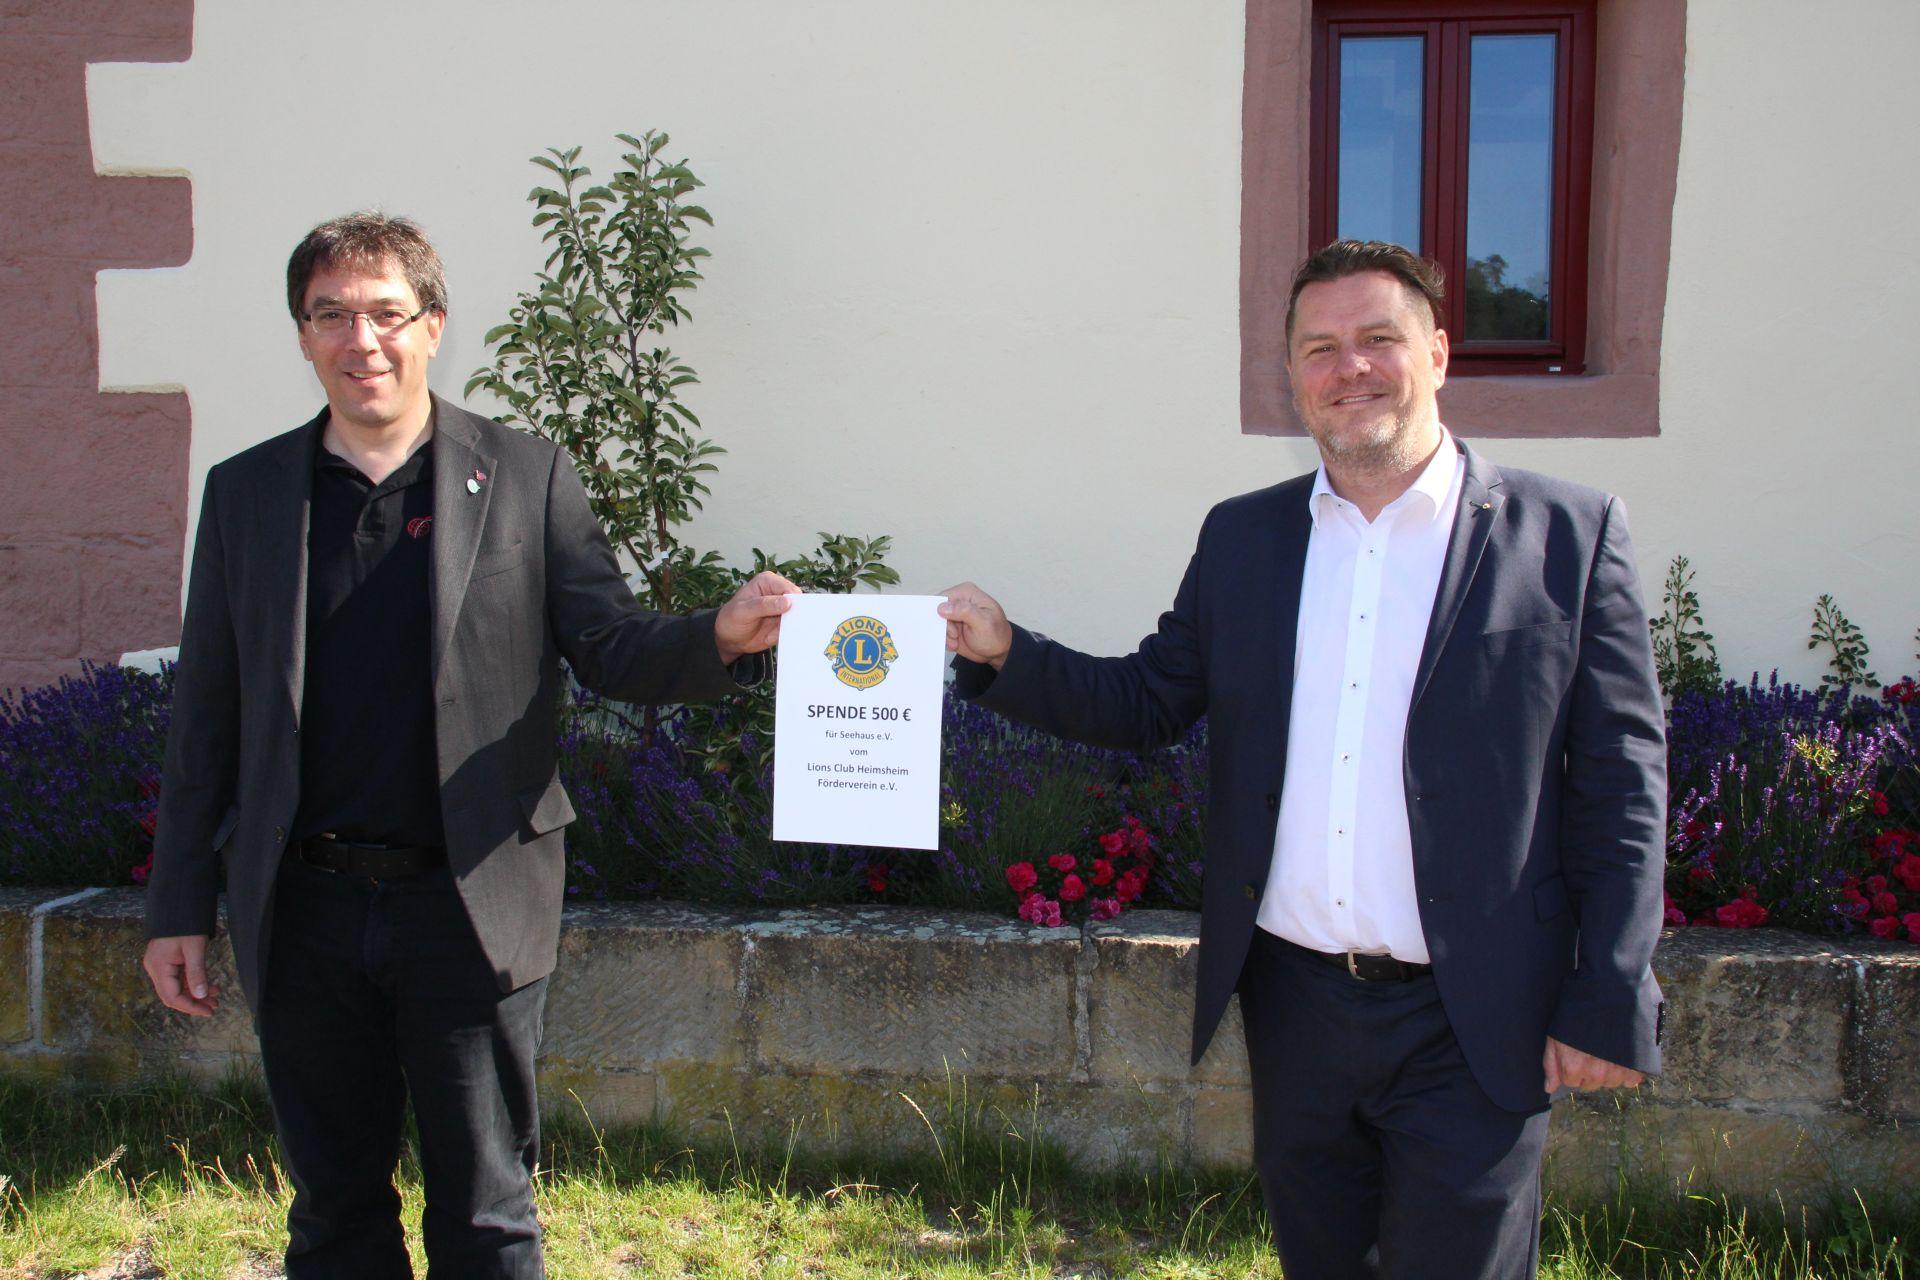 Spendenübergabe Lions Club Heimsheim